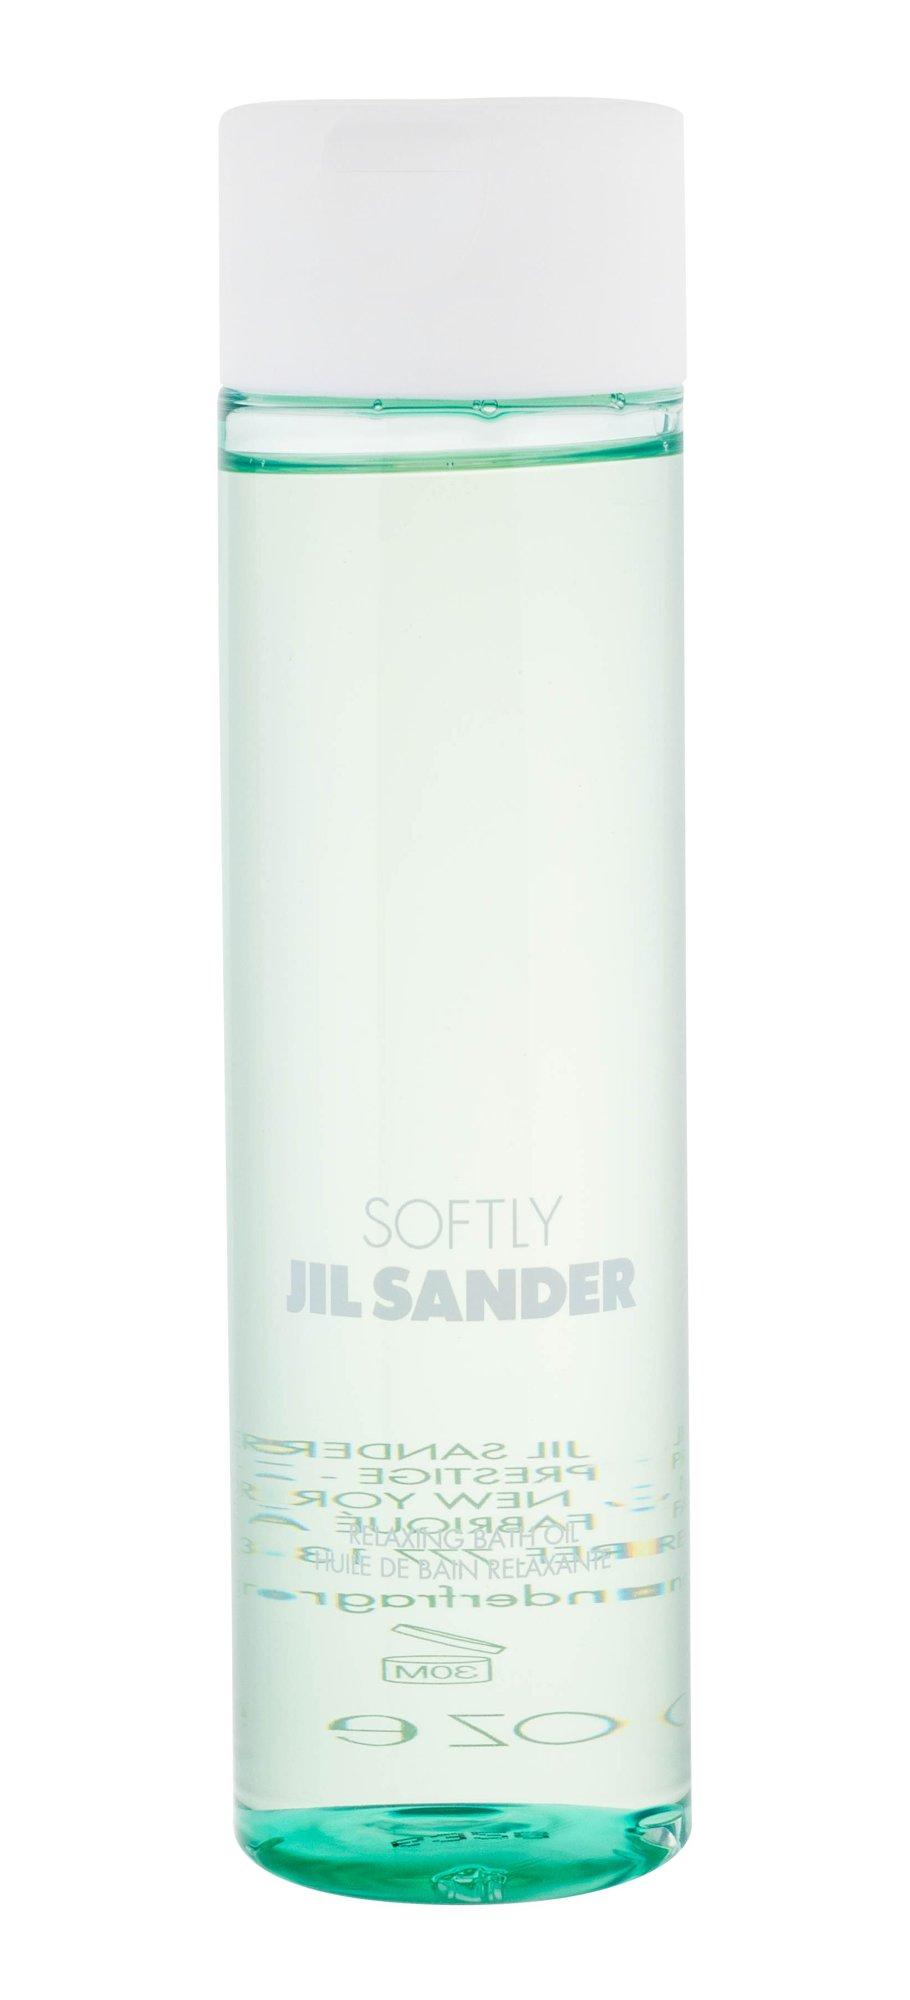 Jil Sander Softly Bath Oil 200ml